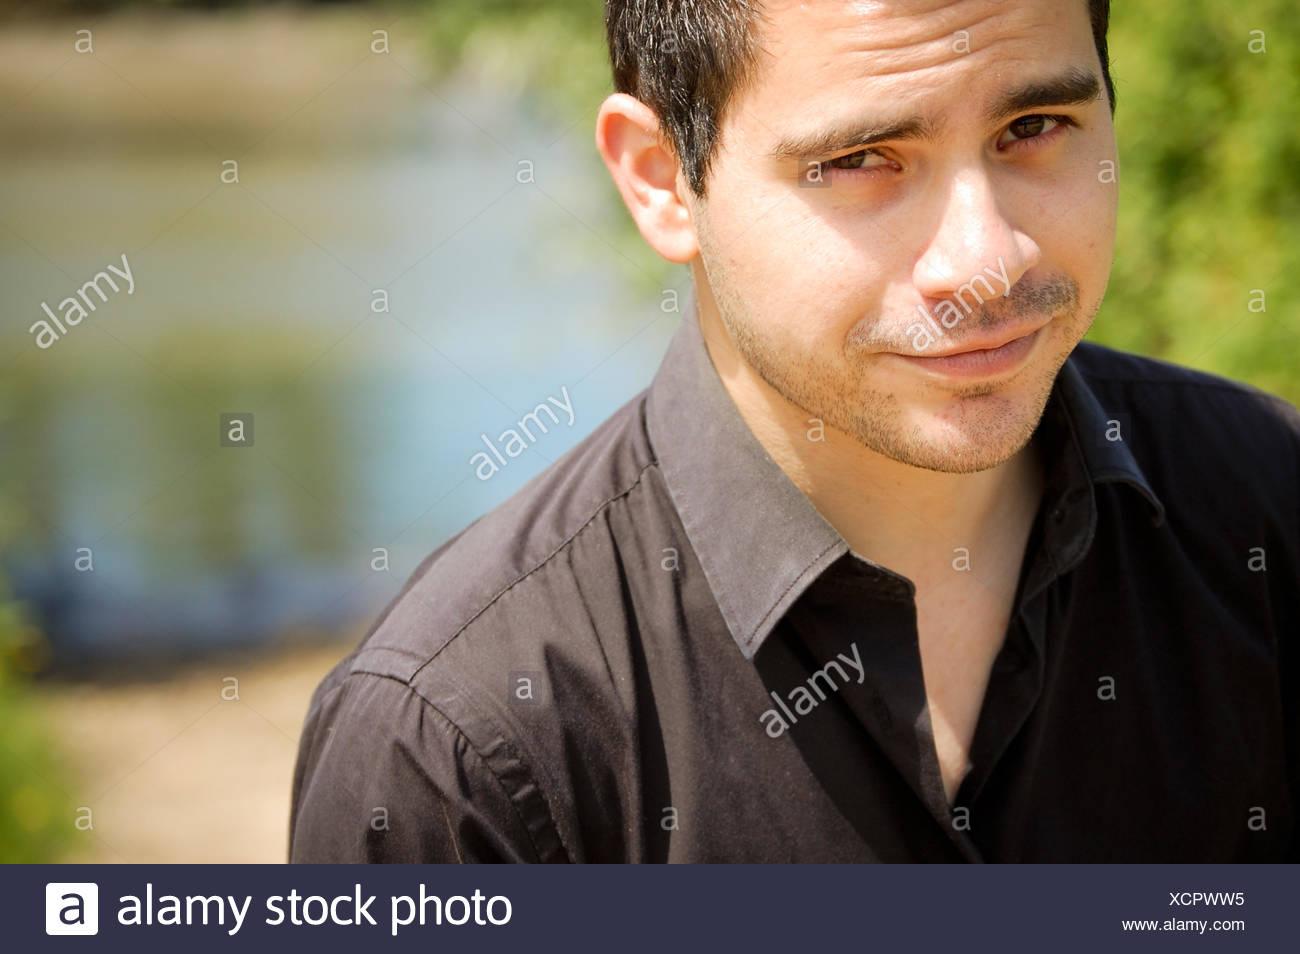 Ritratto di un uomo che guarda la fotocamera Immagini Stock